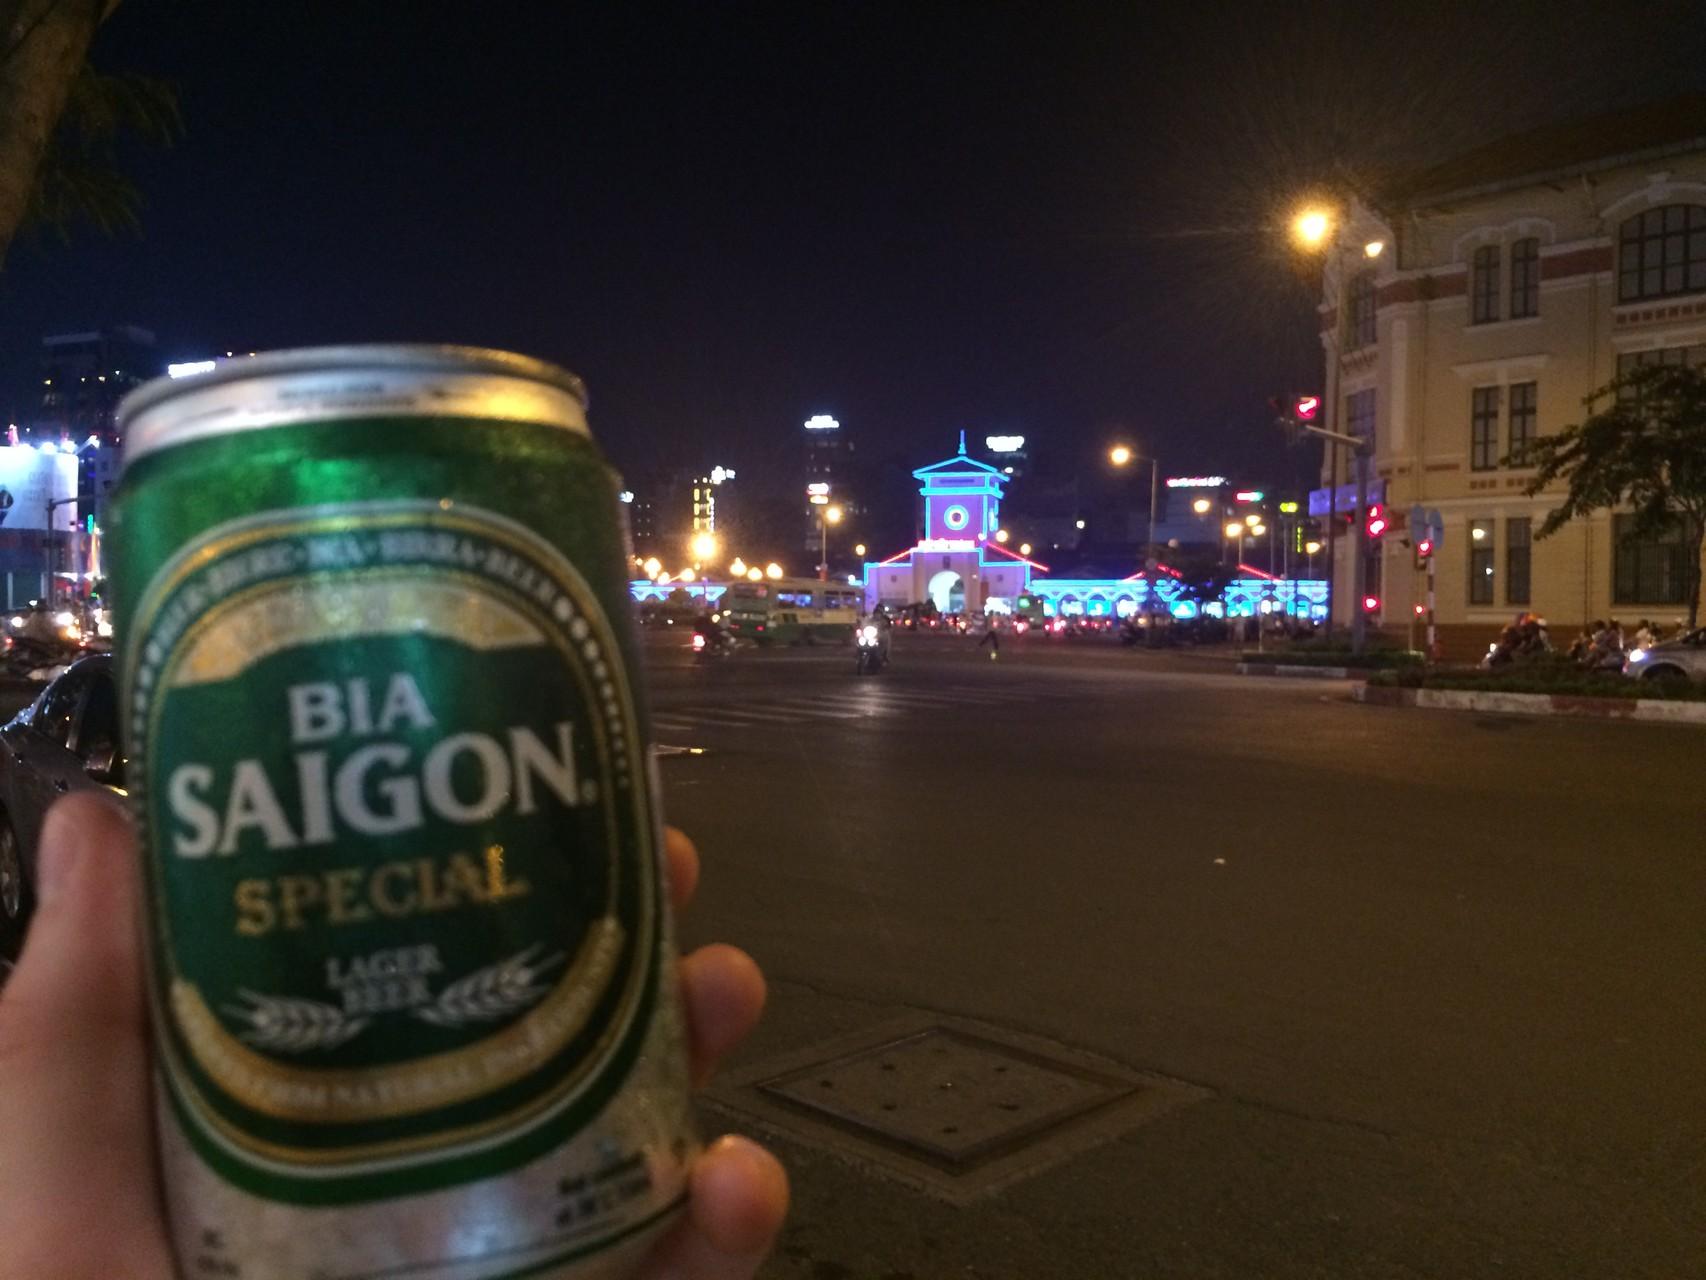 Bia Saigon am großen Kreisel